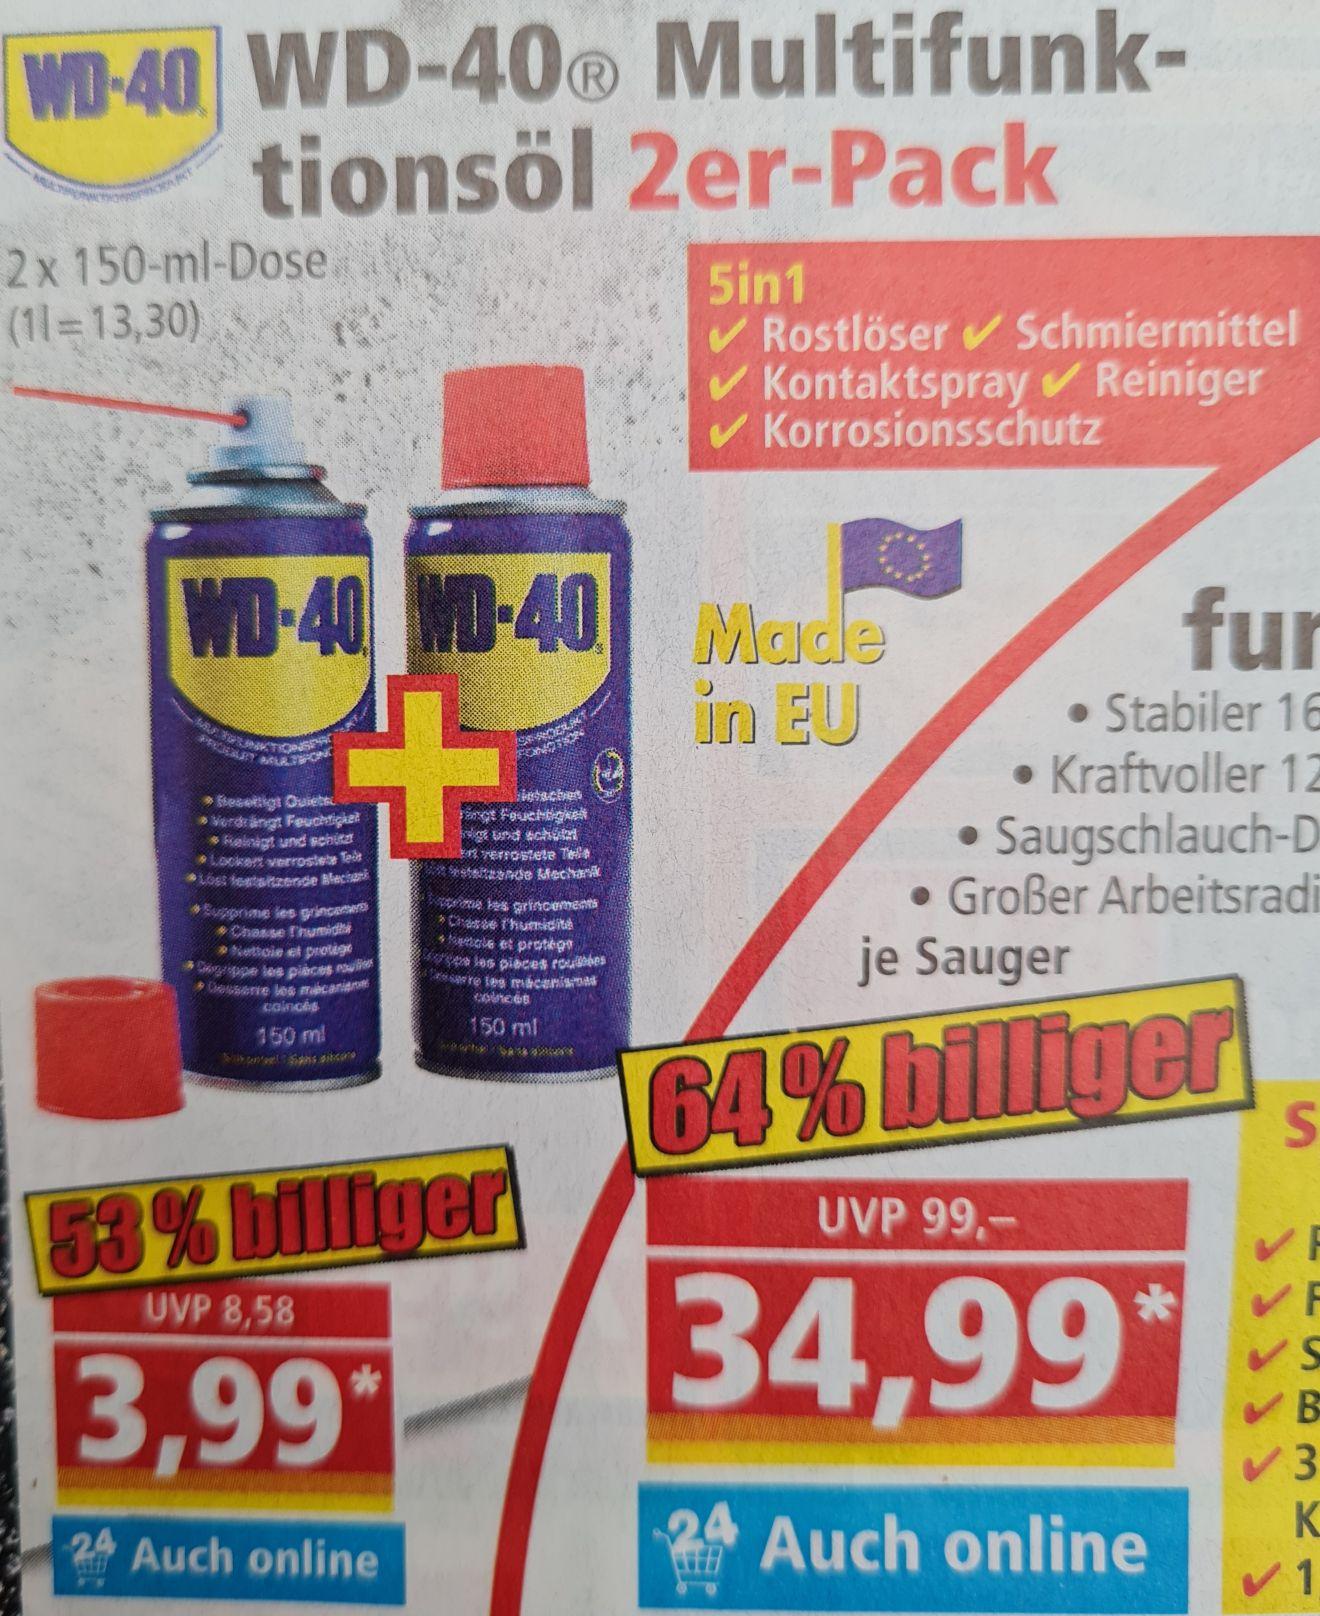 WD-40 Multifunktionsöl 2er-Pack je 150 ml Dose und Scheppach Nass Trockensauger 34,99€ ab 05.07 Norma